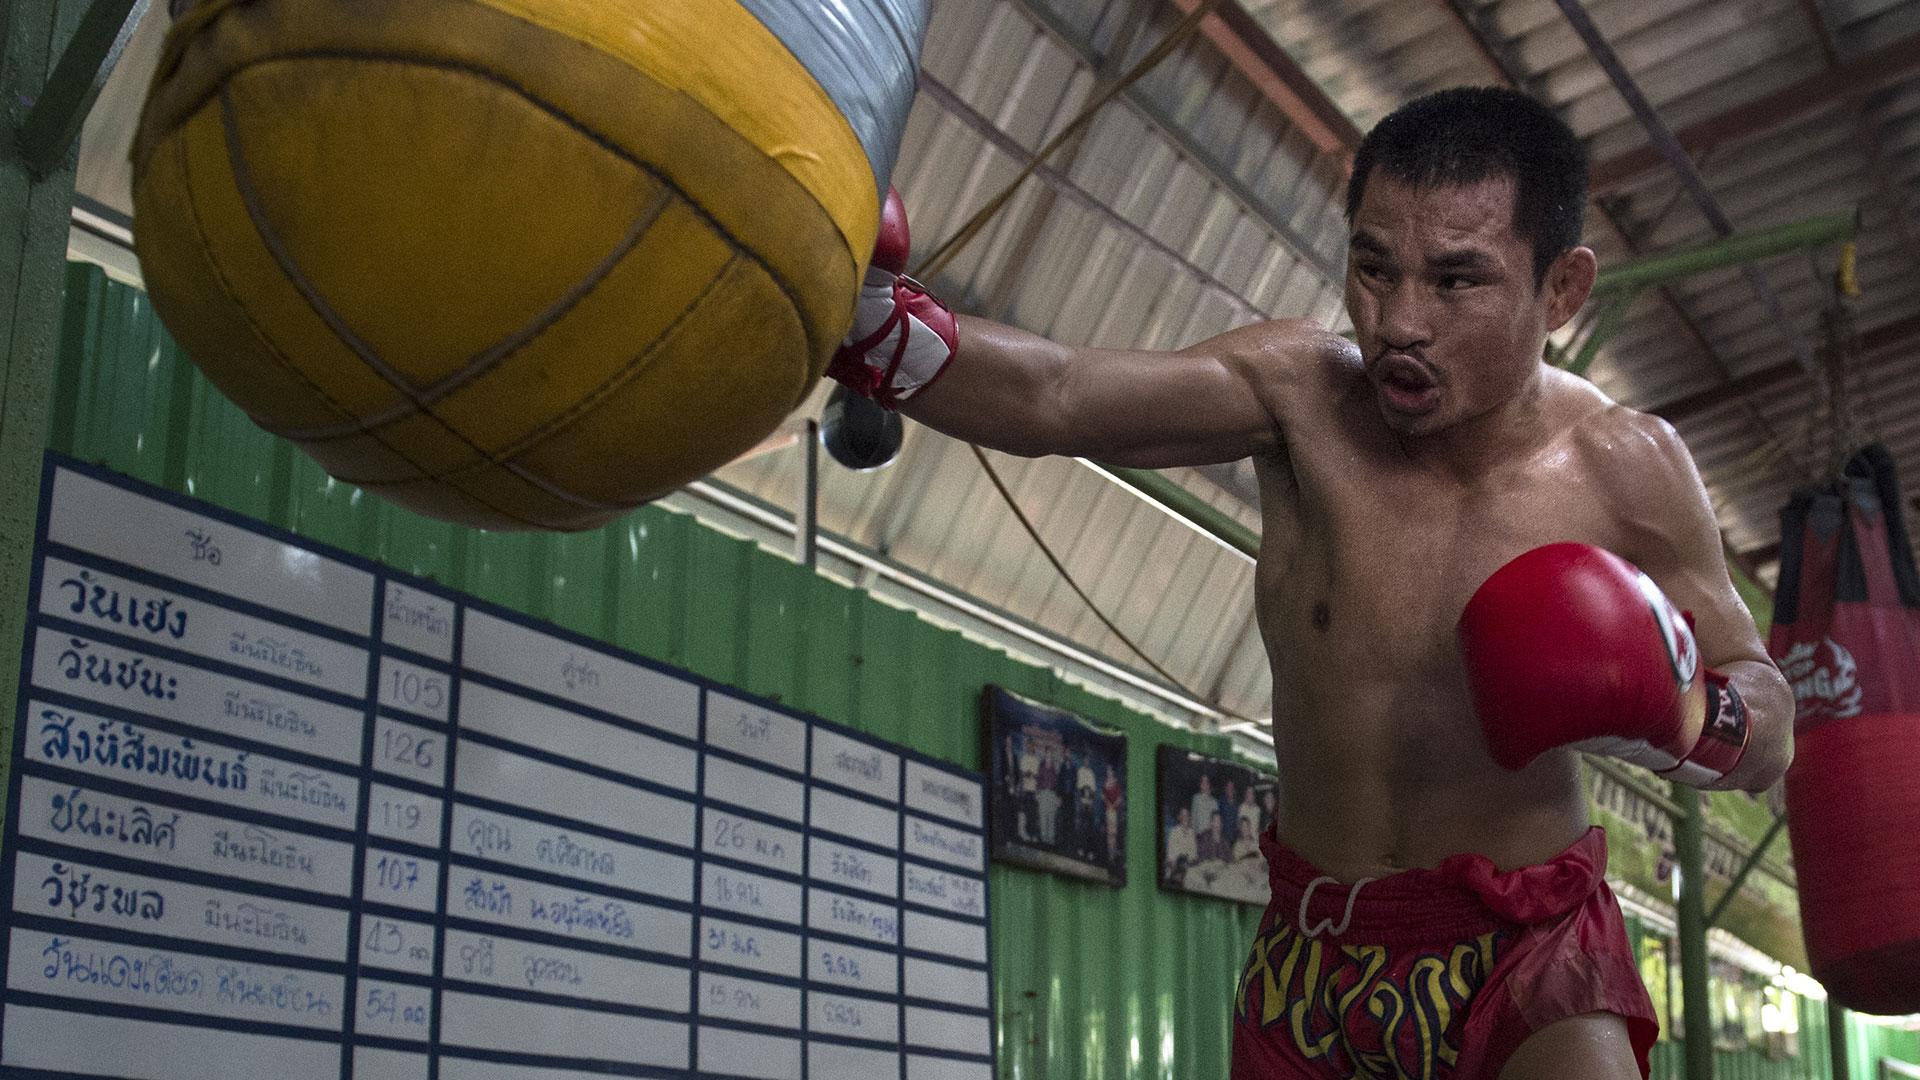 Wanheng Menayothi, boxeador tailandés que sueña con igualar a Mayweather (AFP)